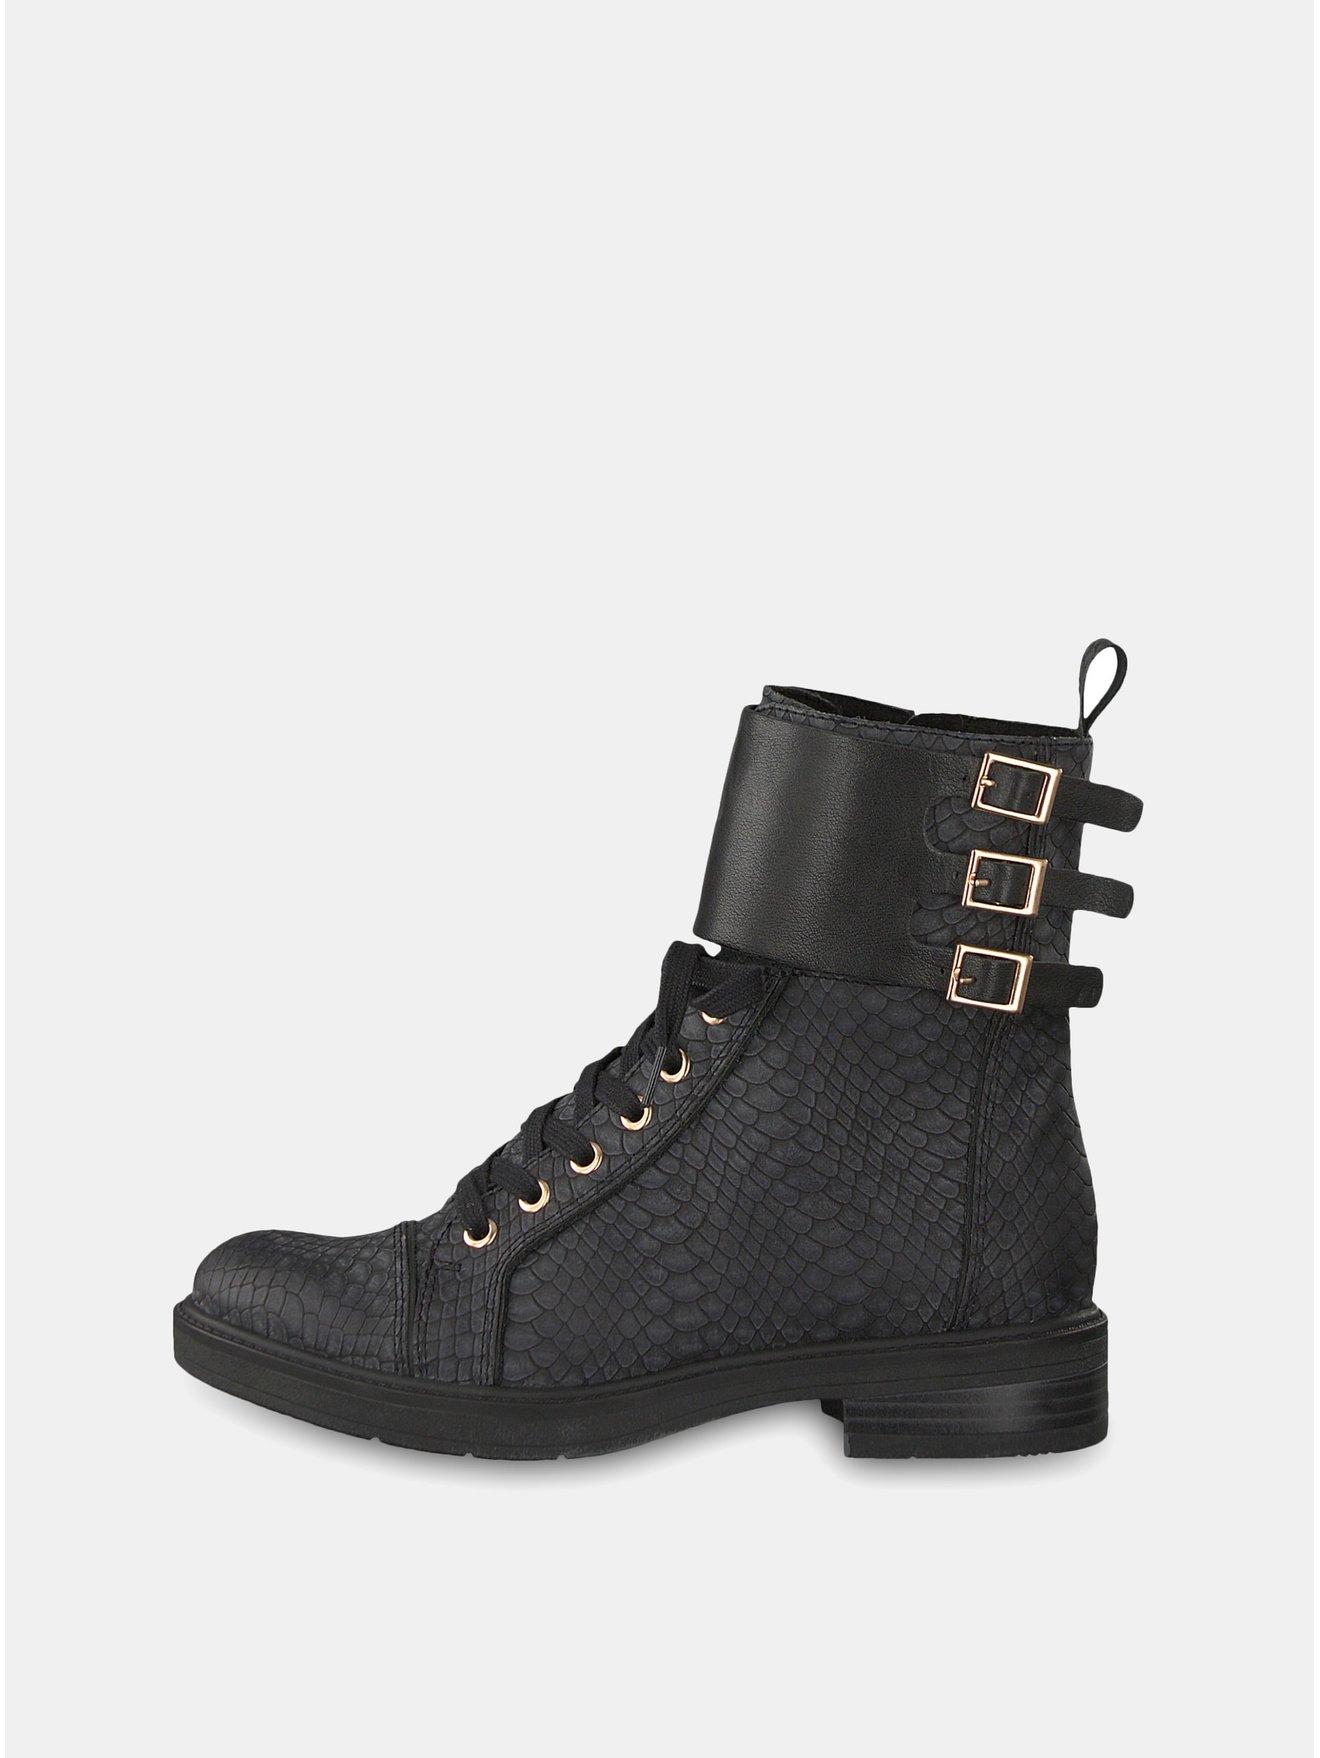 Černé kotníkové boty s imitací hadí kůže a koženými detaily Tamaris c5e24b8d87